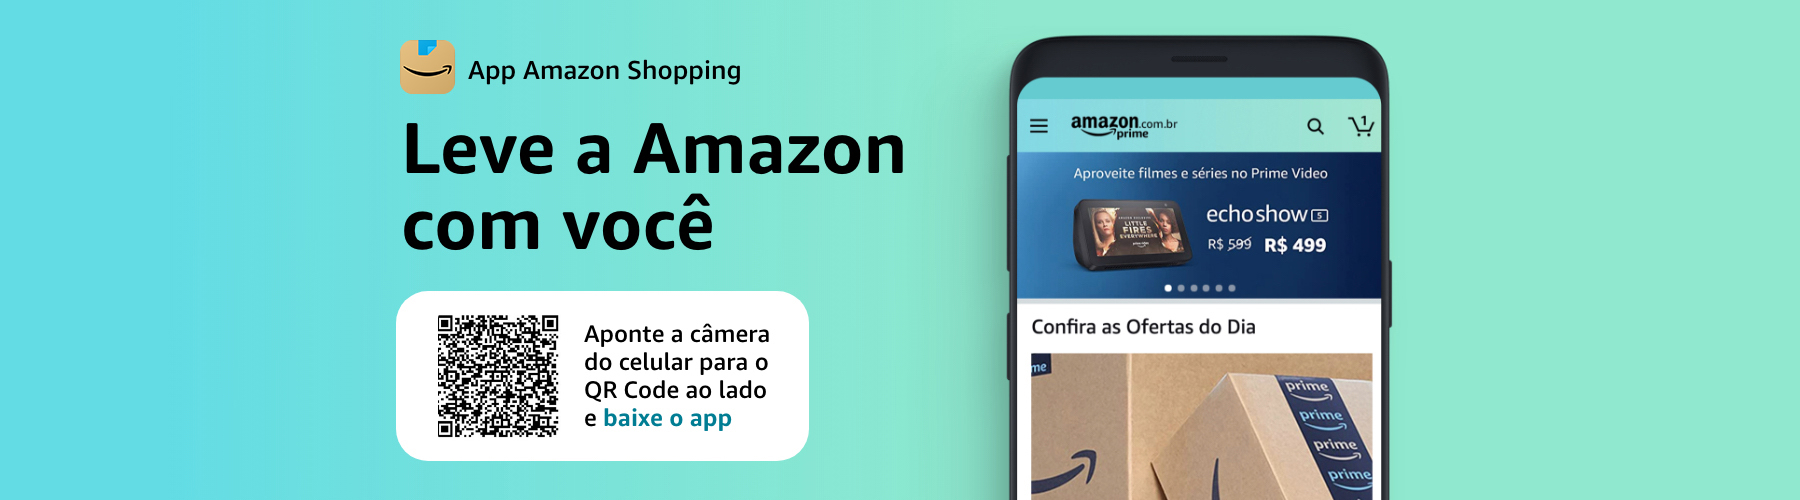 App Amazon Shopping - Leve a Amazon com você